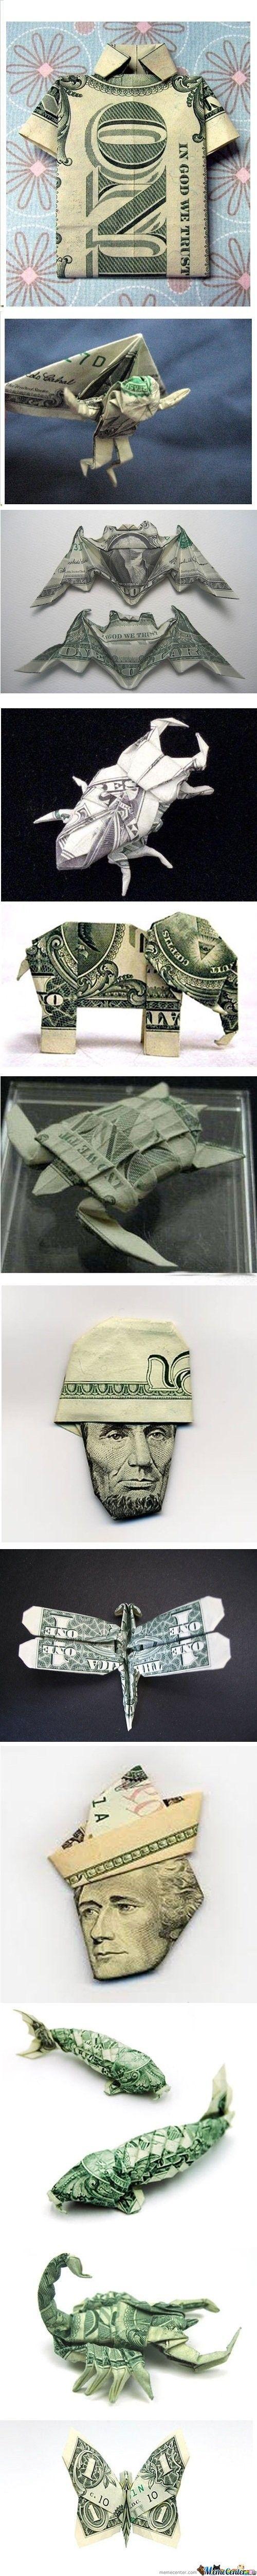 Folded Money Oragami